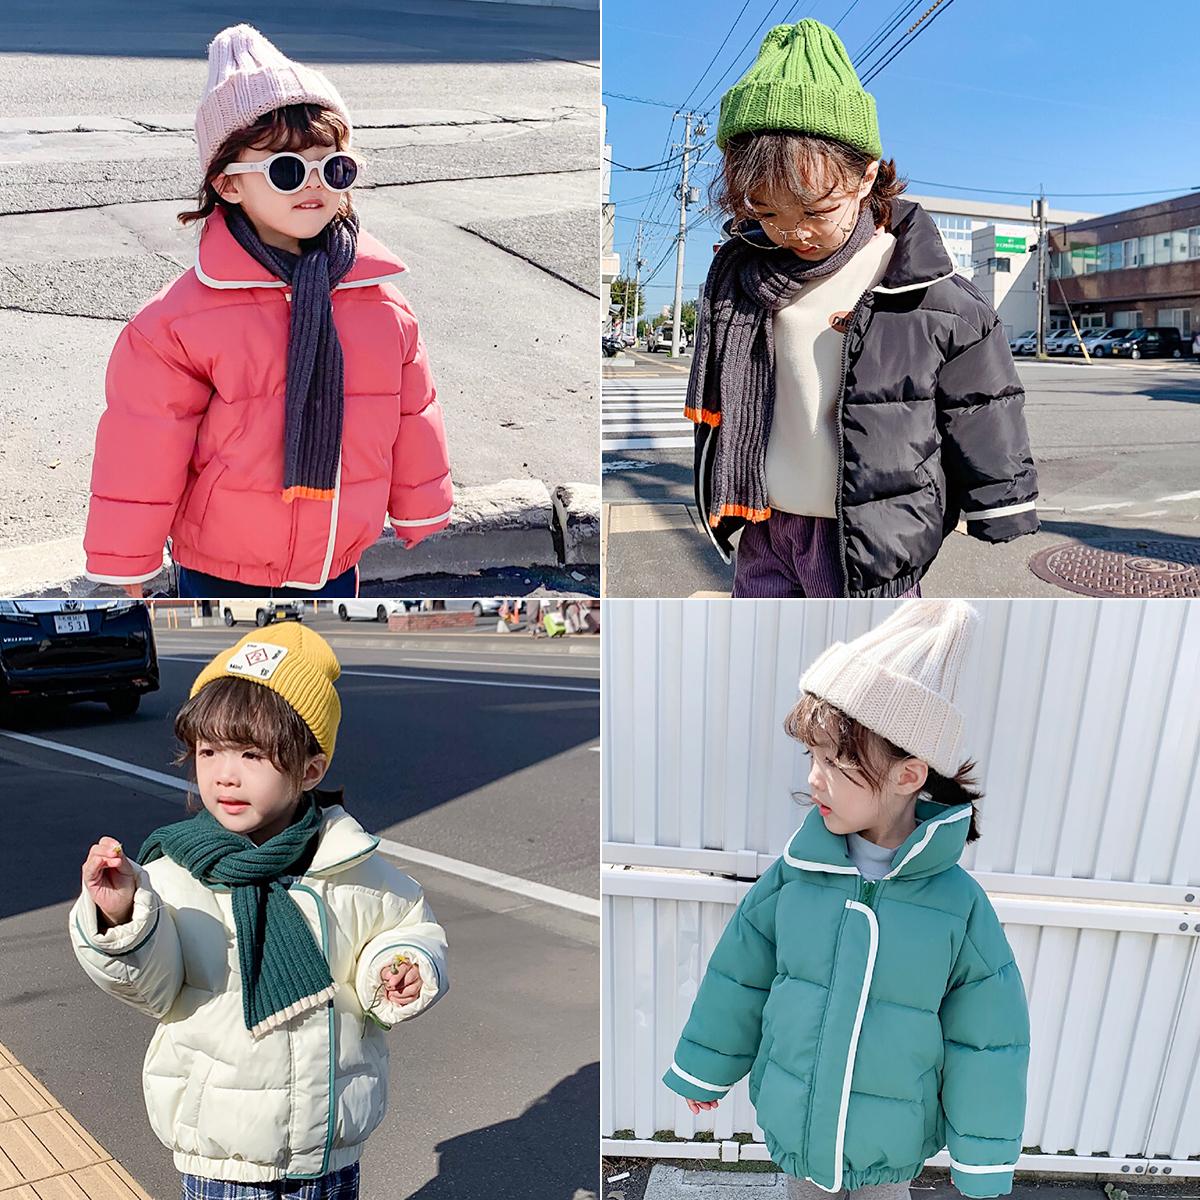 蓝小爸童装女童棉服新款冬装宝宝加厚面包服儿童洋气棉袄外套图片